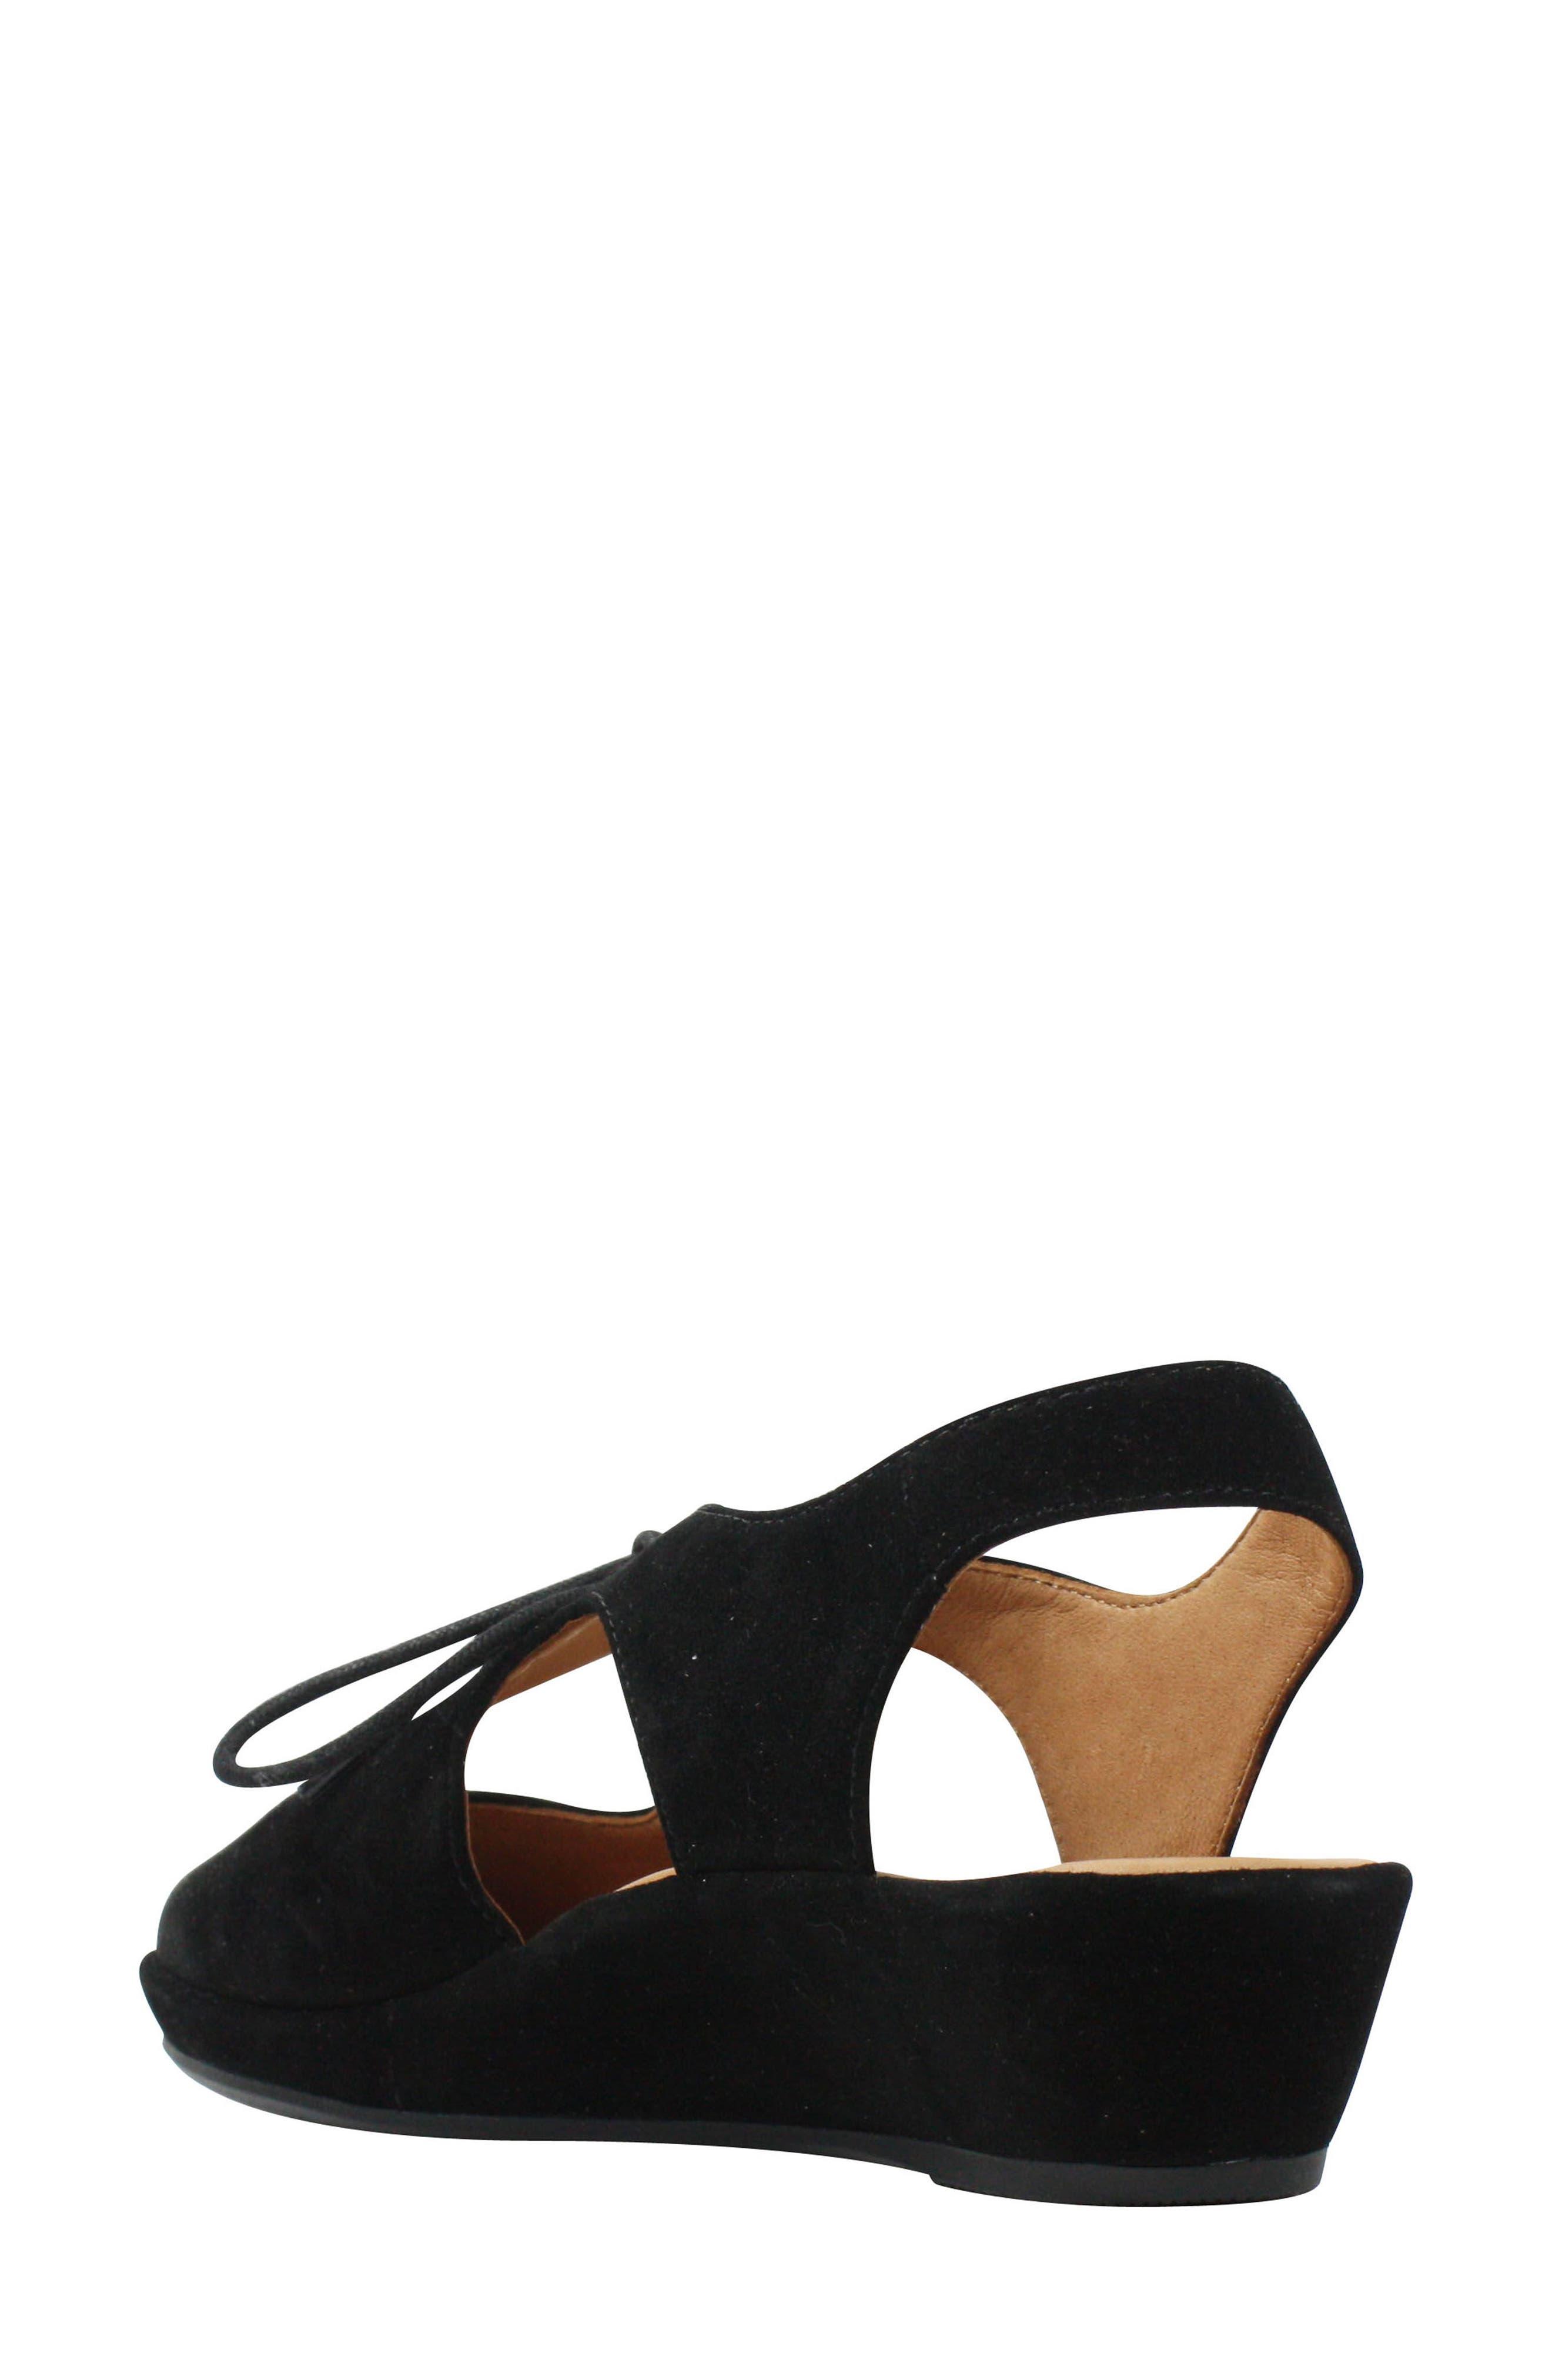 8d5f7321f4b9b Women s Sandals  Sale